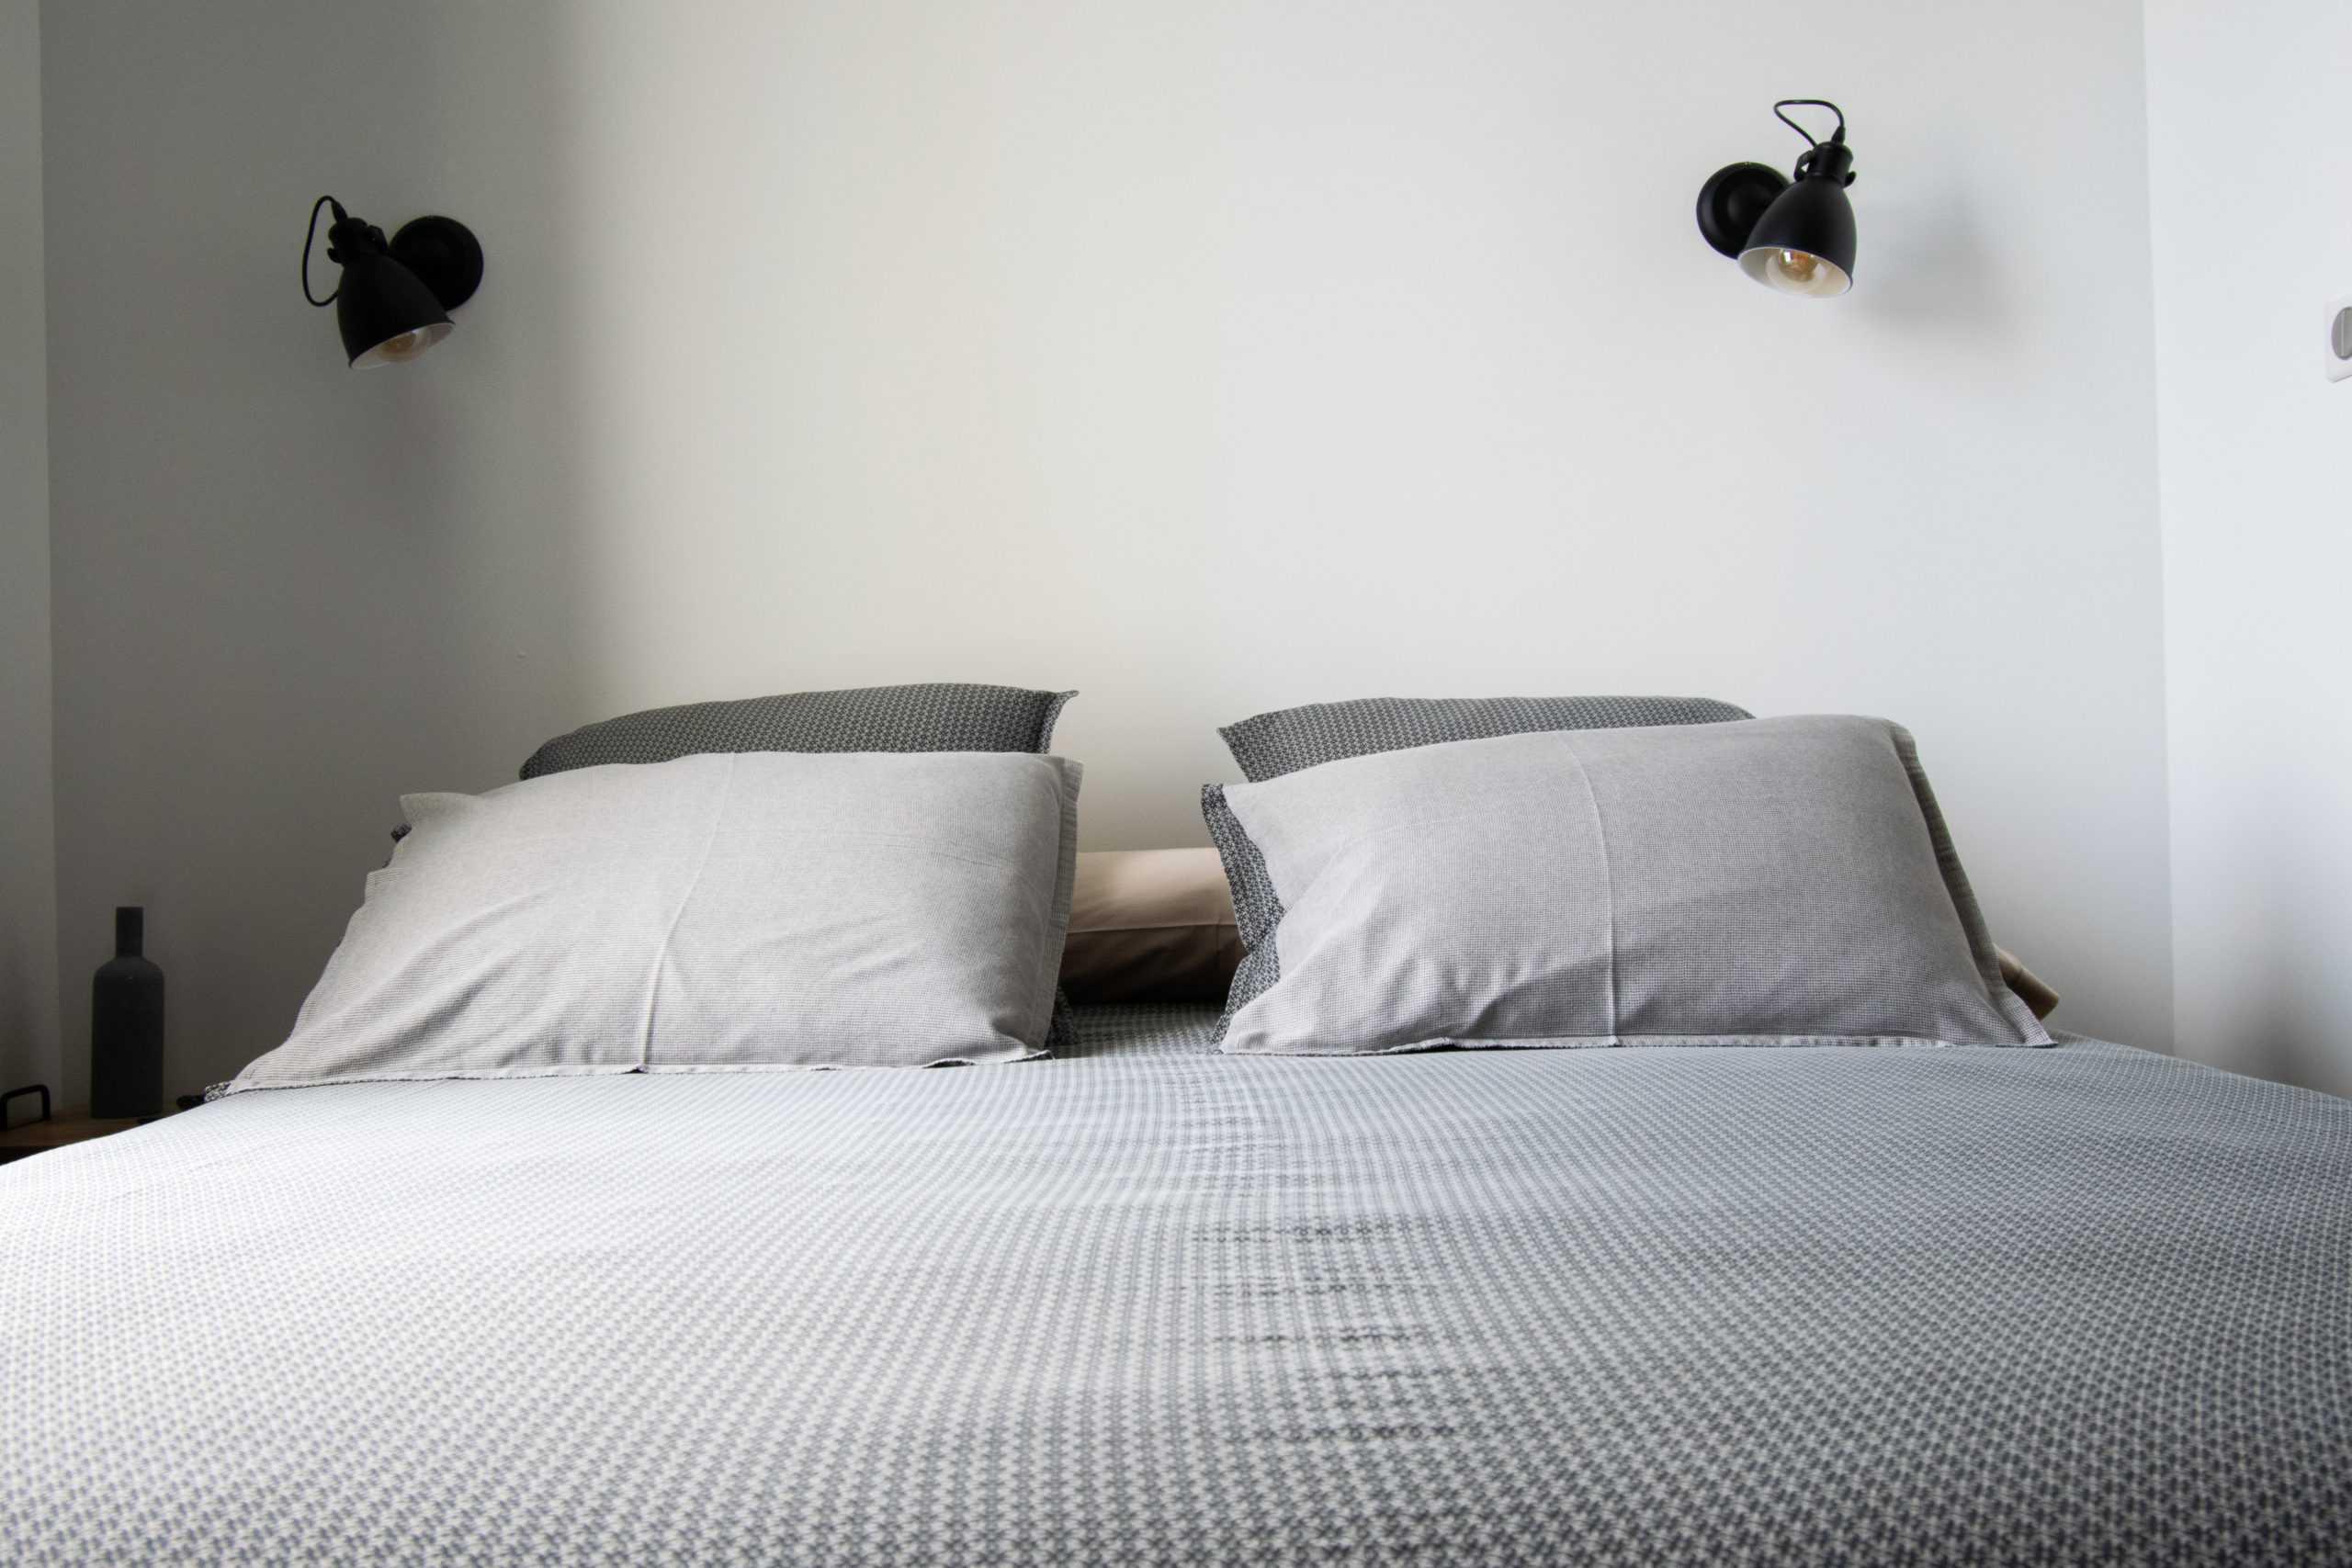 appartement_15eme_droite_tour_perret_amiens_tourisme_lit_industriel